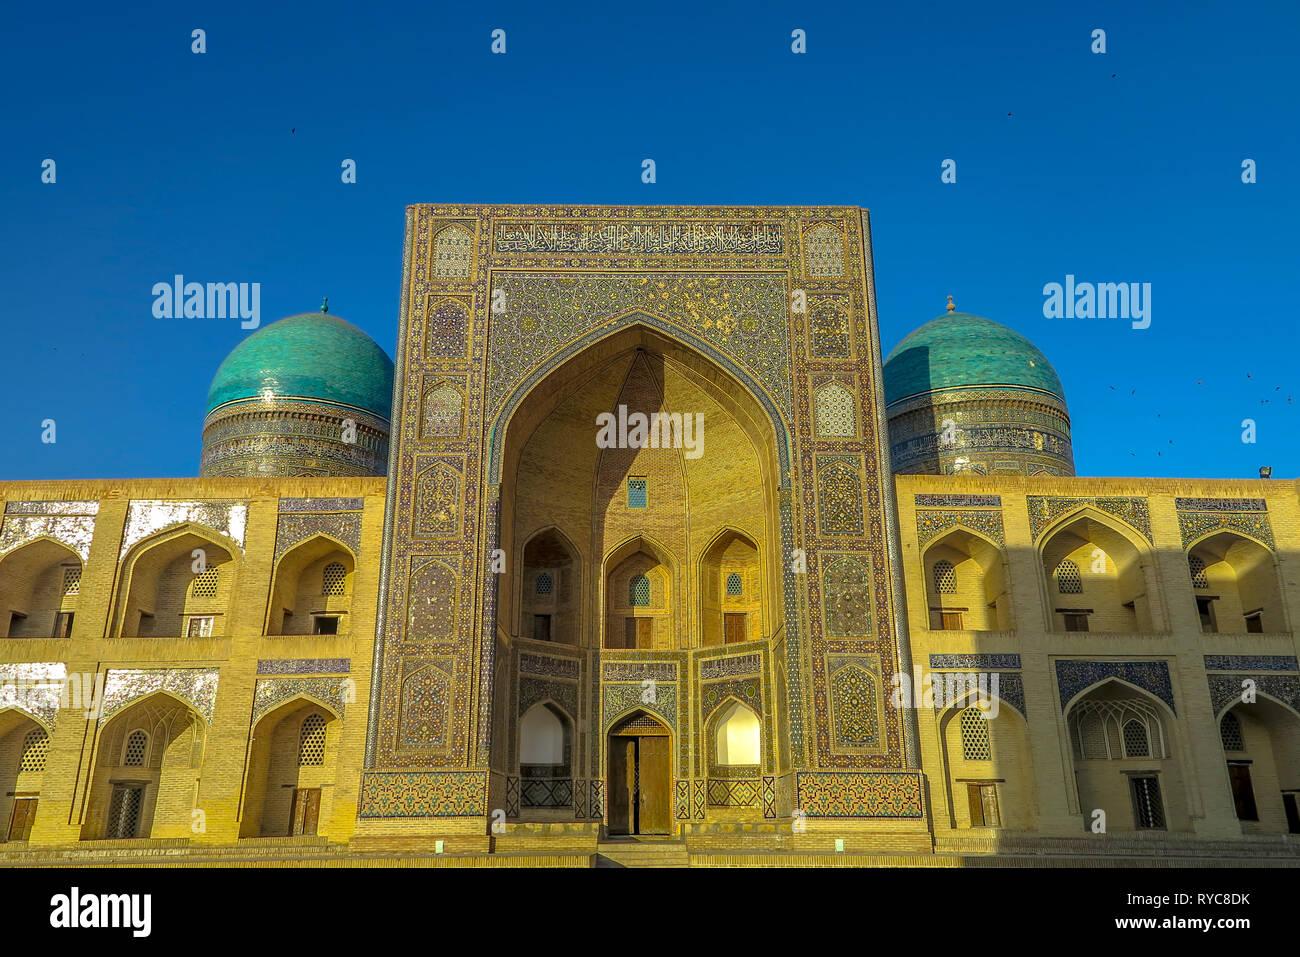 Bukhara Old City Arabian Miri Arab Madrasa Iwan with Blue Tiles Domes Main Gate Entrance Viewpoint at Sunset - Stock Image